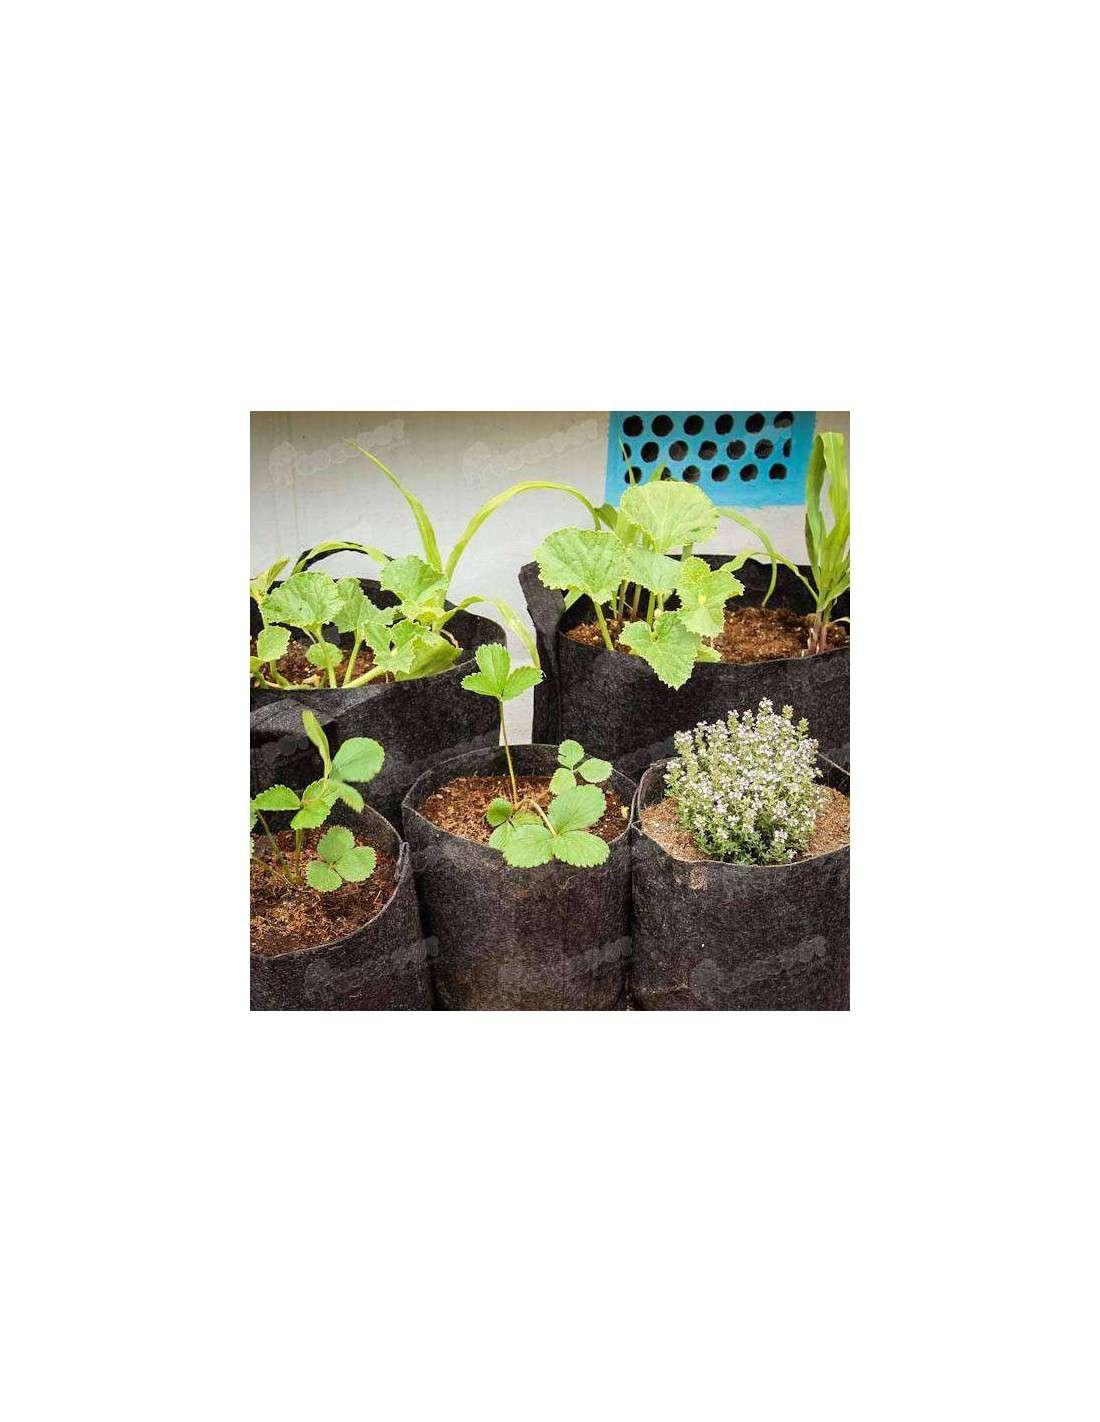 Venta de macetas 16 litros root pouch en cocopot huerto urbano for Jardin vertical de fieltro en formato kit